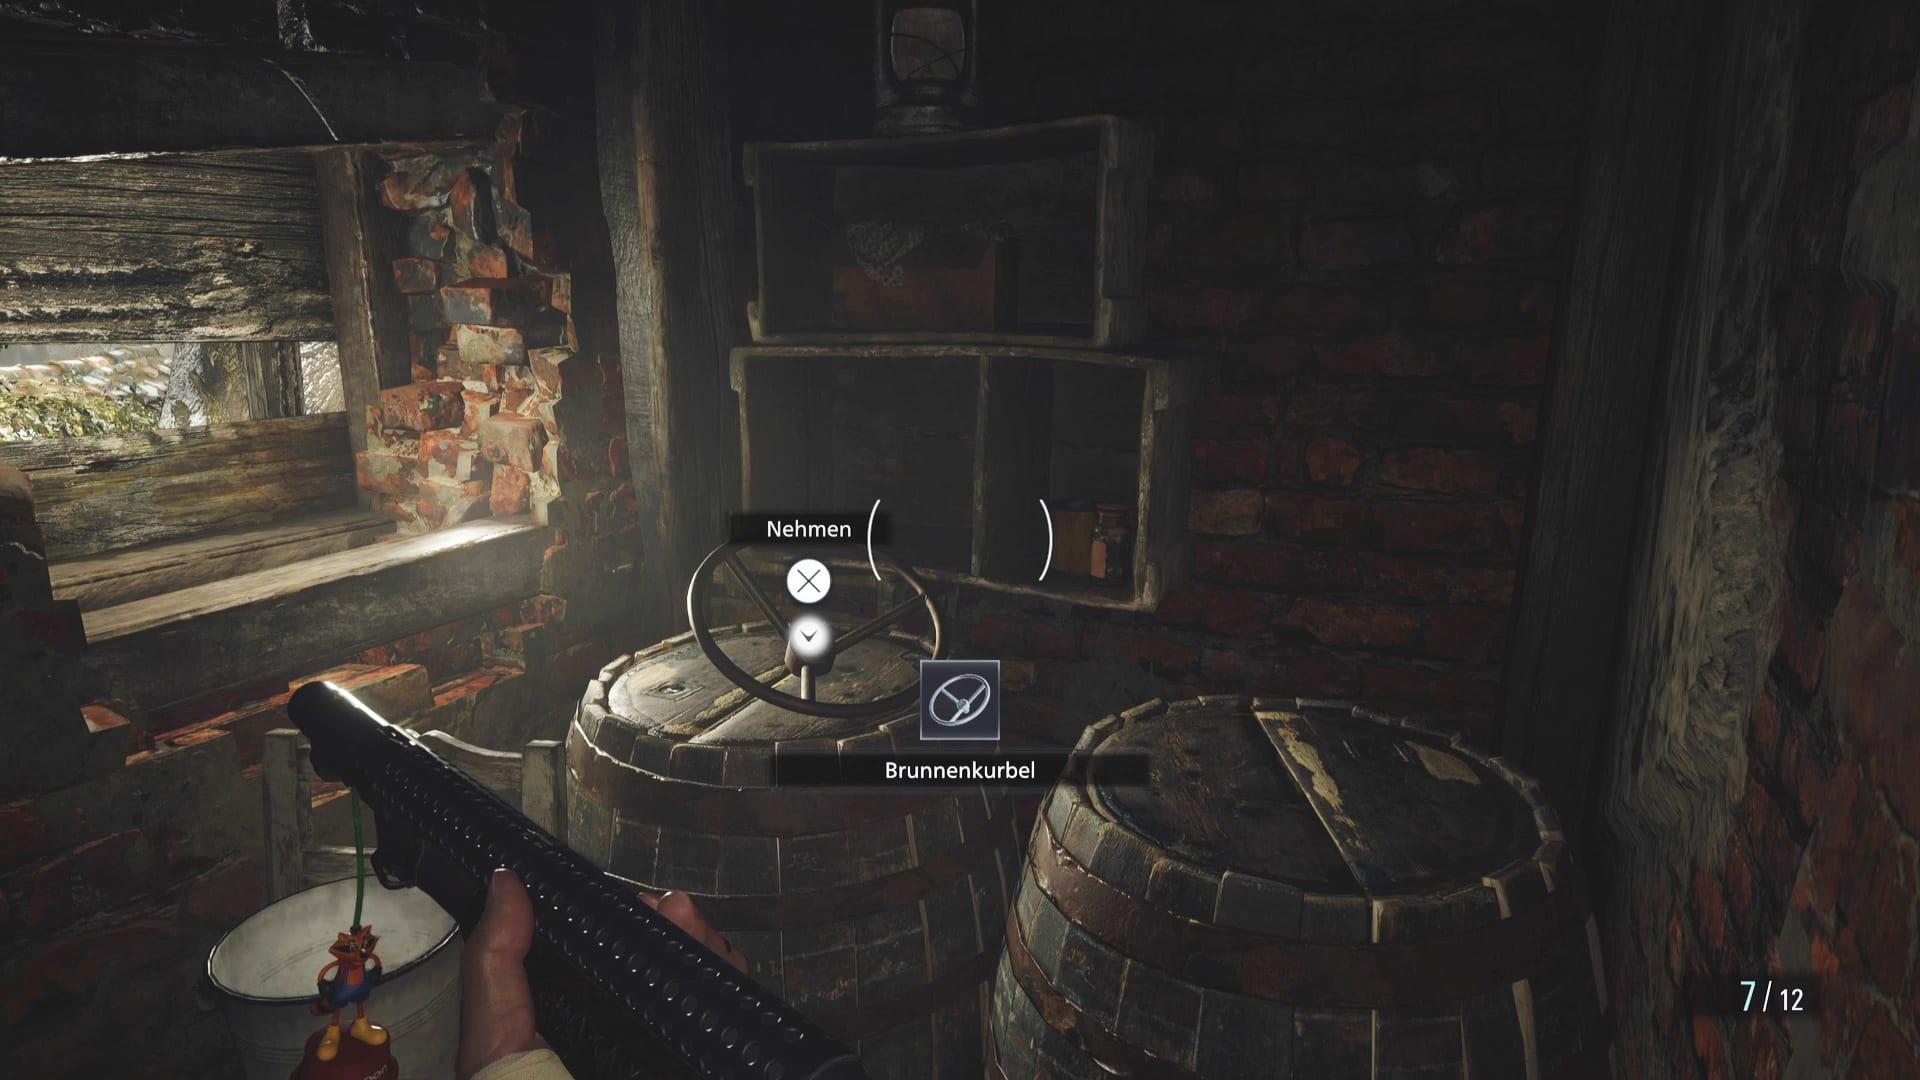 Fundort Brunnenkurbel in Resident Evil 8